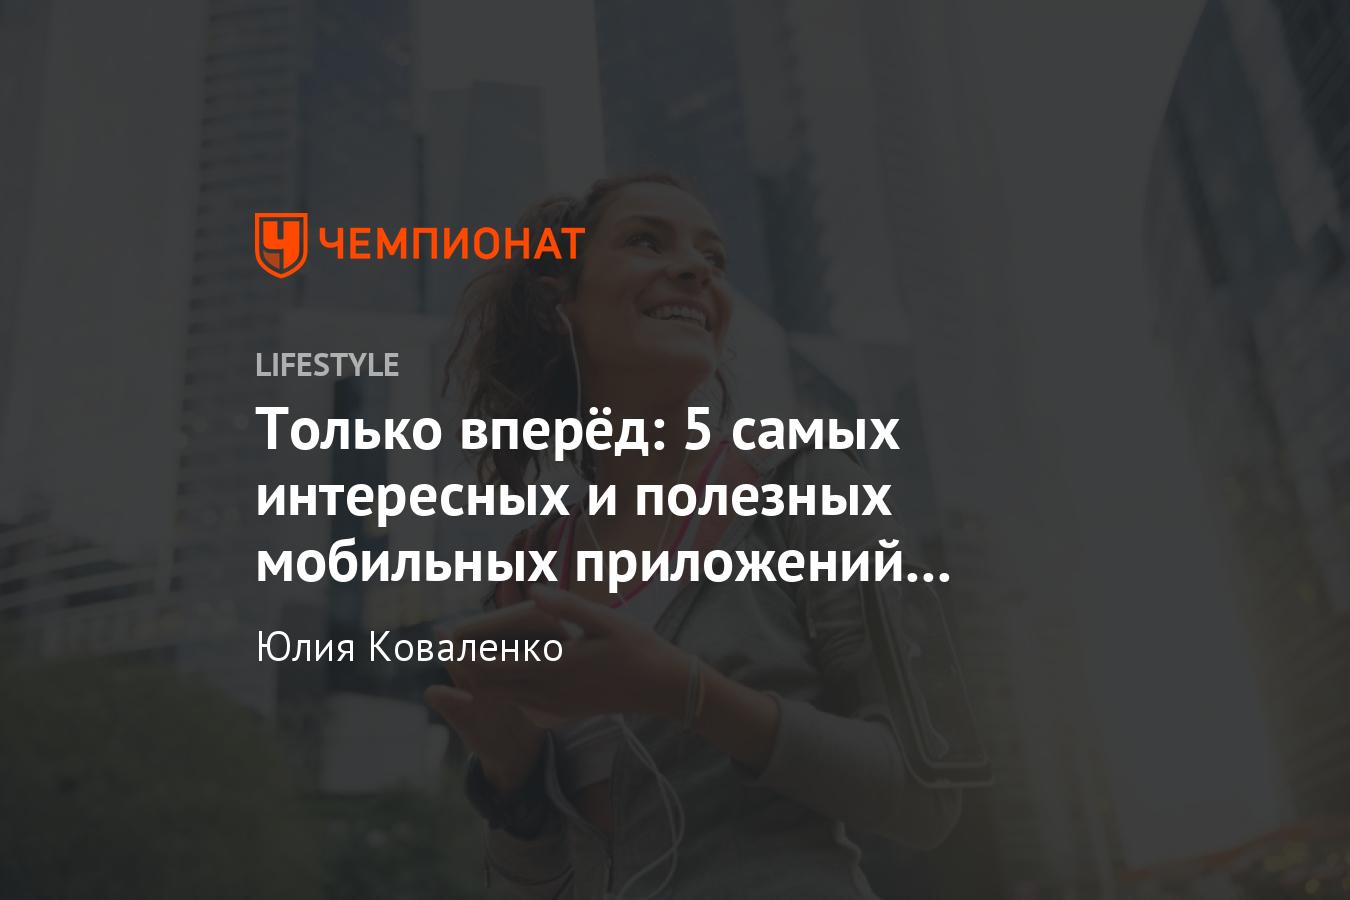 Лучшие приложения для бега для андроида на русском, топ бесплатные